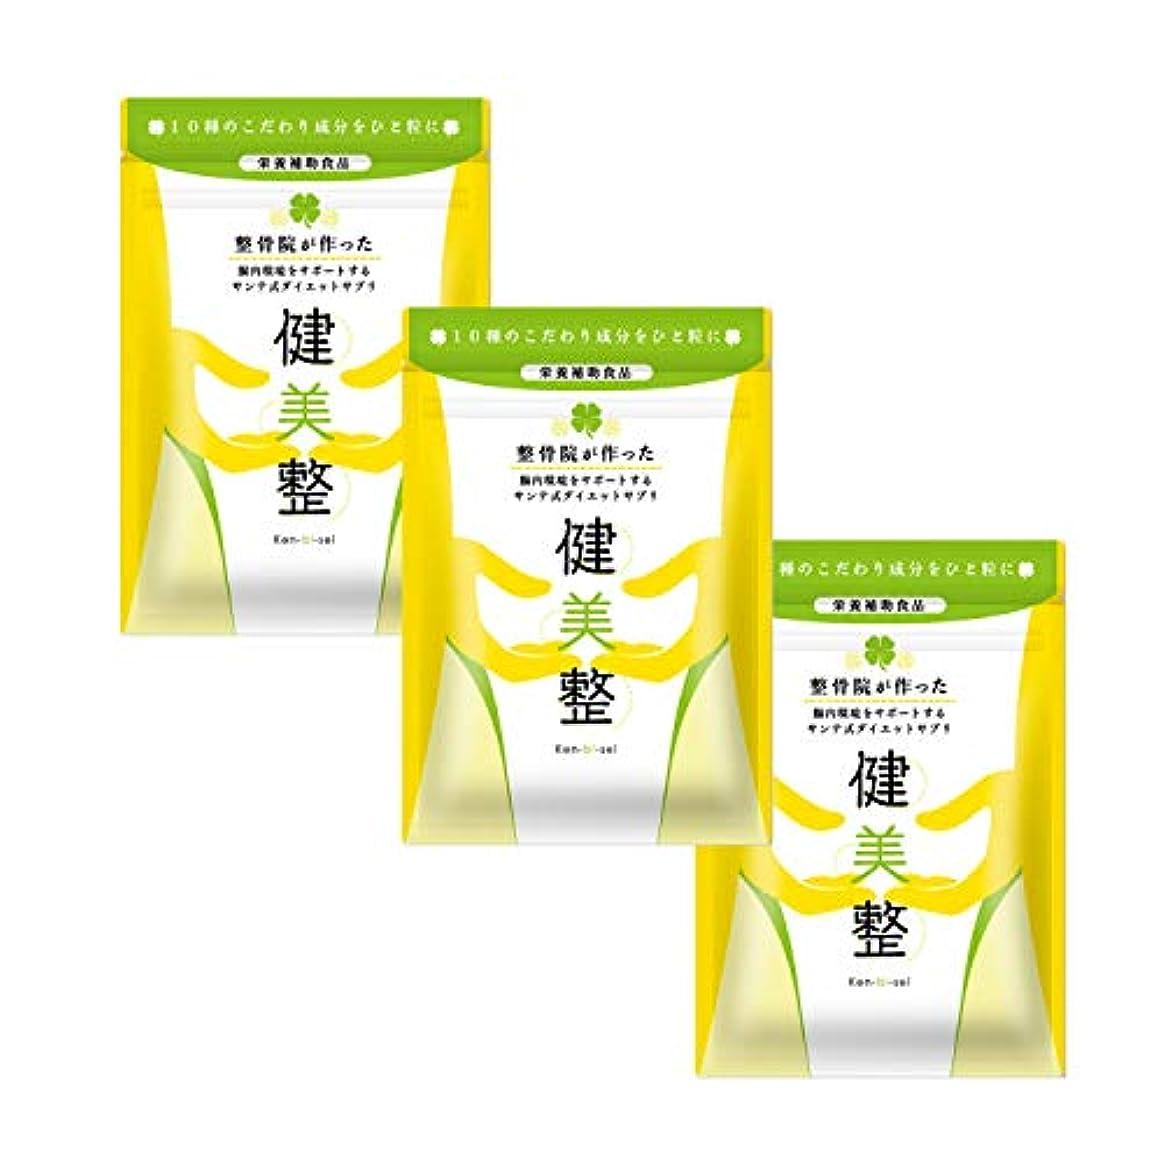 ペナルティ猫背天井サプリメント ダイエット 酵素 腸内 健美整 人気 腸内環境 60粒1か月分 (3)